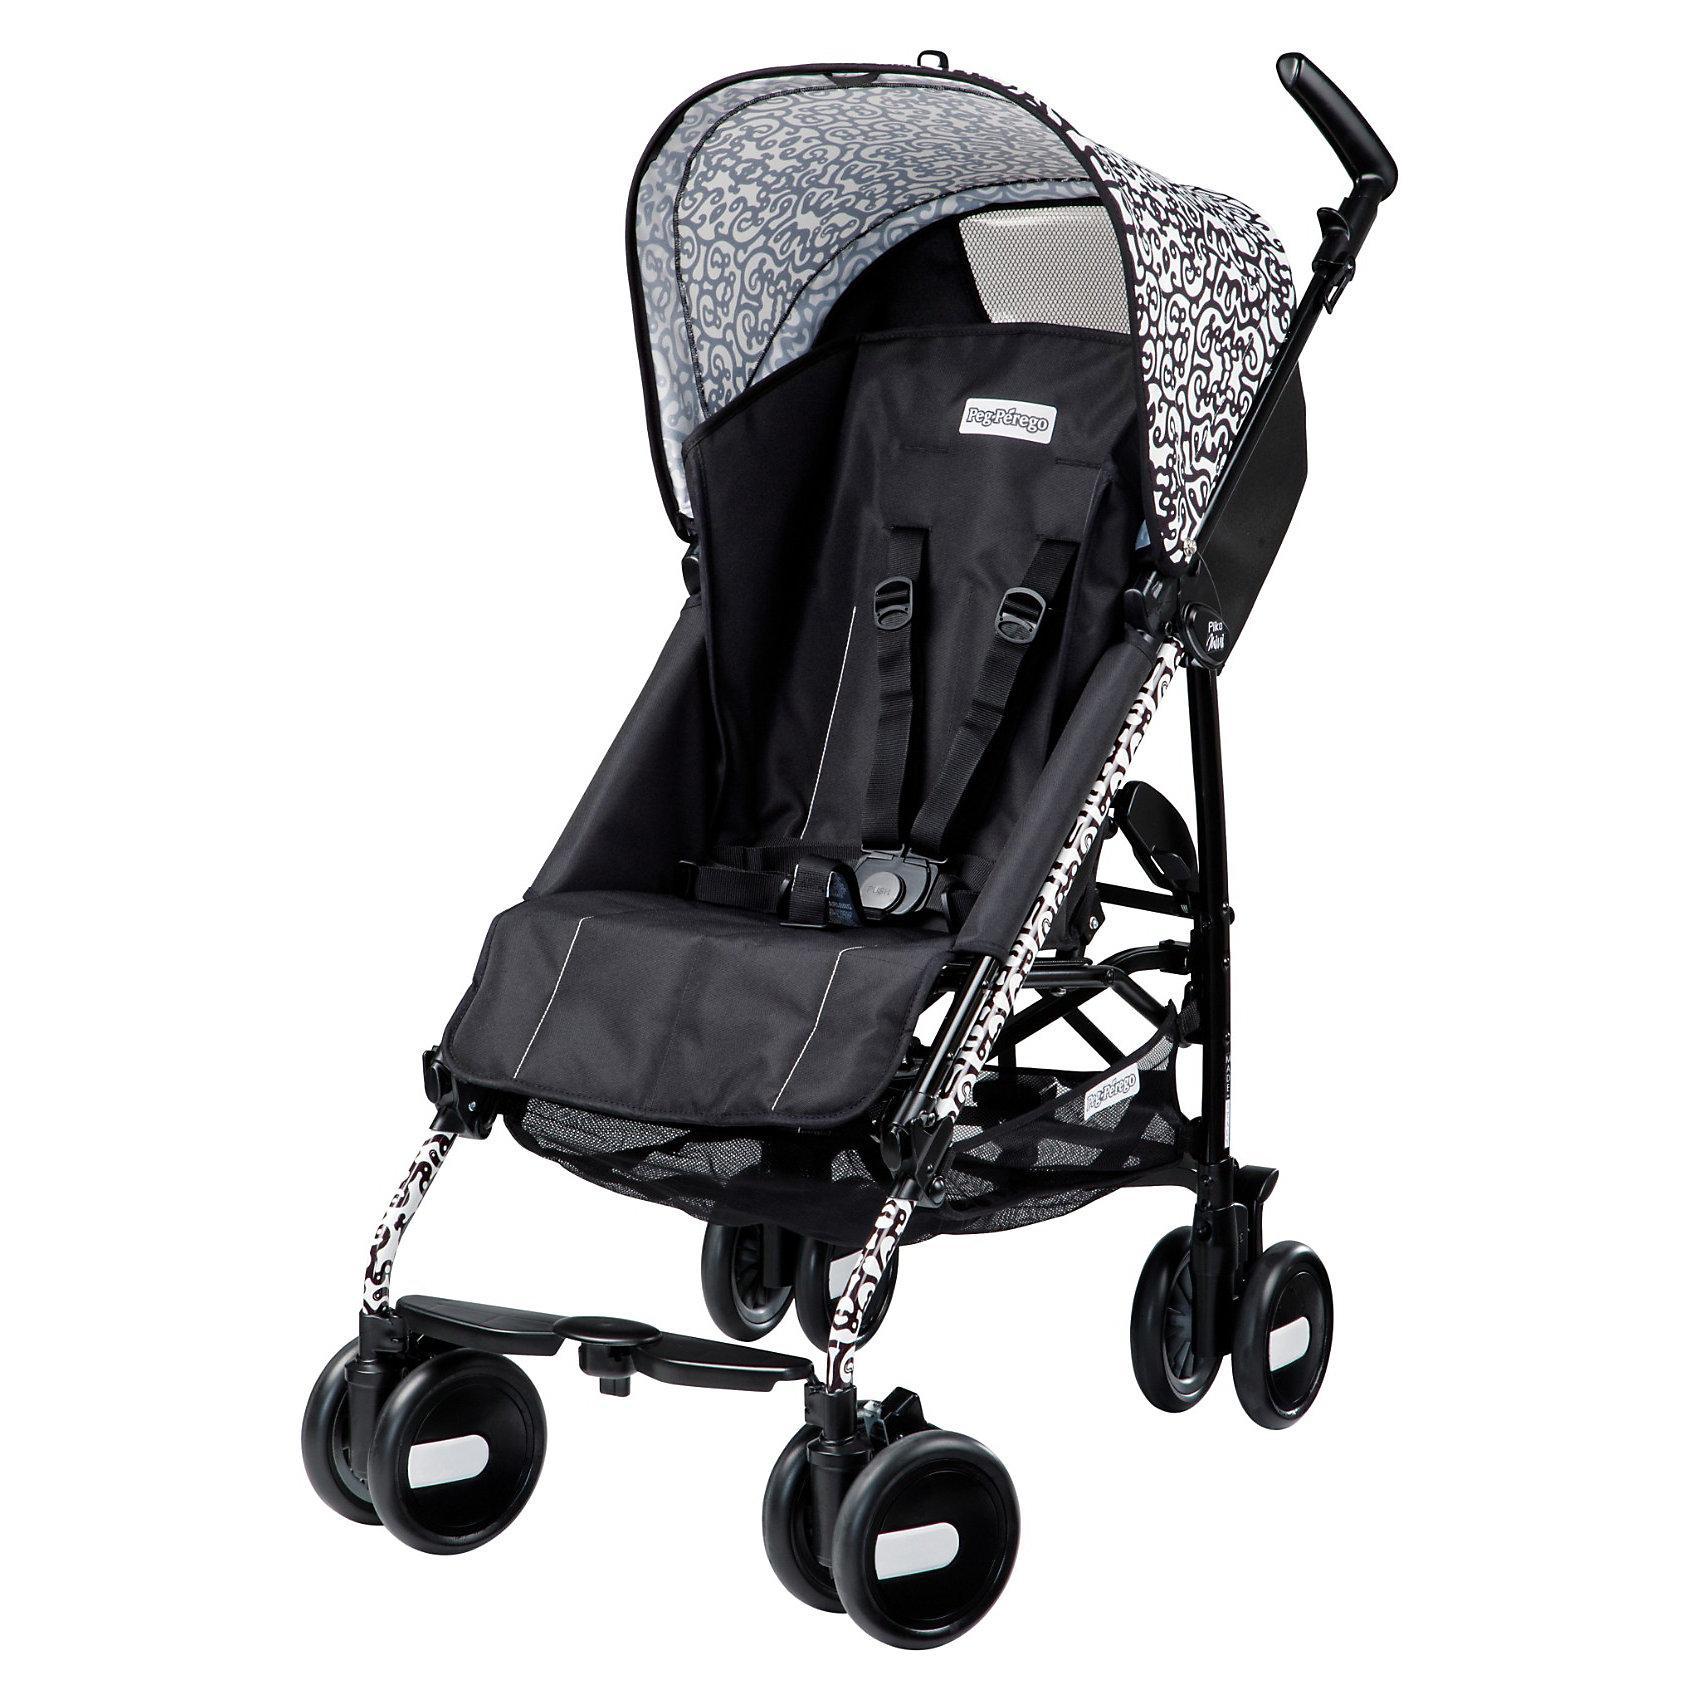 Коляска-трость Pliko Mini с бампером, Peg-Perego, GhiroКоляска-трость Pliko Mini, Peg-Perego - компактная прогулочная коляска с небольшими габаритами, которая отвечает всем требованиям комфорта и безопасности малыша. Очень практична для использования в любой ситуации. Коляска оснащена удобным для ребенка сиденьем с мягкими 5- точечными ремнями безопасности. Дополнительно можно приобрести мягкий съемный бампер (отдельно бампер без коляски не продается!). Спинка легко раскладывается в 3 положениях вплоть до горизонтального. Опора для ножек регулируется, что обеспечивает<br>малышу правильную осанку. Большой капюшон со смотровым окном защитит от солнца и дождя.  <br><br>Для родителей предусмотрены удобные ручки и вместительная корзина для принадлежностей малыша. Коляска оснащена 4 двойными колесами (передние - поворотные с возможностью фиксации, задние - с тормозом). Благодаря узкой колесной базе коляска без труда преодолевает<br>даже самые узкие проемы дверей, лифтов и турникетов. Легко и компактно складывается тростью, что позволяет использовать ее во время поездок и путешествий. Обивку можно снимать и стирать. Подходит для детей от 6 мес. до 3 лет.<br><br><br>Особенности:<br><br>- удобна для транспортировки и хранения;<br>- объемный капюшон от солнца и дождя;<br>- спинка сиденья регулируется 3 положениях;<br>- регулируемая подножка; <br>- корзина для вещей ребенка;<br>- передние поворотные колеса с возможностью фиксации;<br>- узкая колесная база;<br>- легко и компактно складывается тростью.<br><br><br>Дополнительная информация:<br><br>- Цвет: черный с рисунком.<br>- Материал: текстиль, металл, пластик.<br>- Диаметр колес: 14,6 см.<br>- Максимальная длина спального места: 87 см.<br>- Размер в разложенном виде: 84 х 50 х 101 см.<br>- Размер в сложенном виде: 34 х 32 х 94 см.<br>- Вес: 5,7 кг.<br><br>Коляску-трость Pliko Mini + бампер передний, Peg-Perego, черный с рисунком, можно купить в нашем интернет-магазине.<br><br>Ширина мм: 1005<br>Глубина мм: 285<br>Высота мм: 